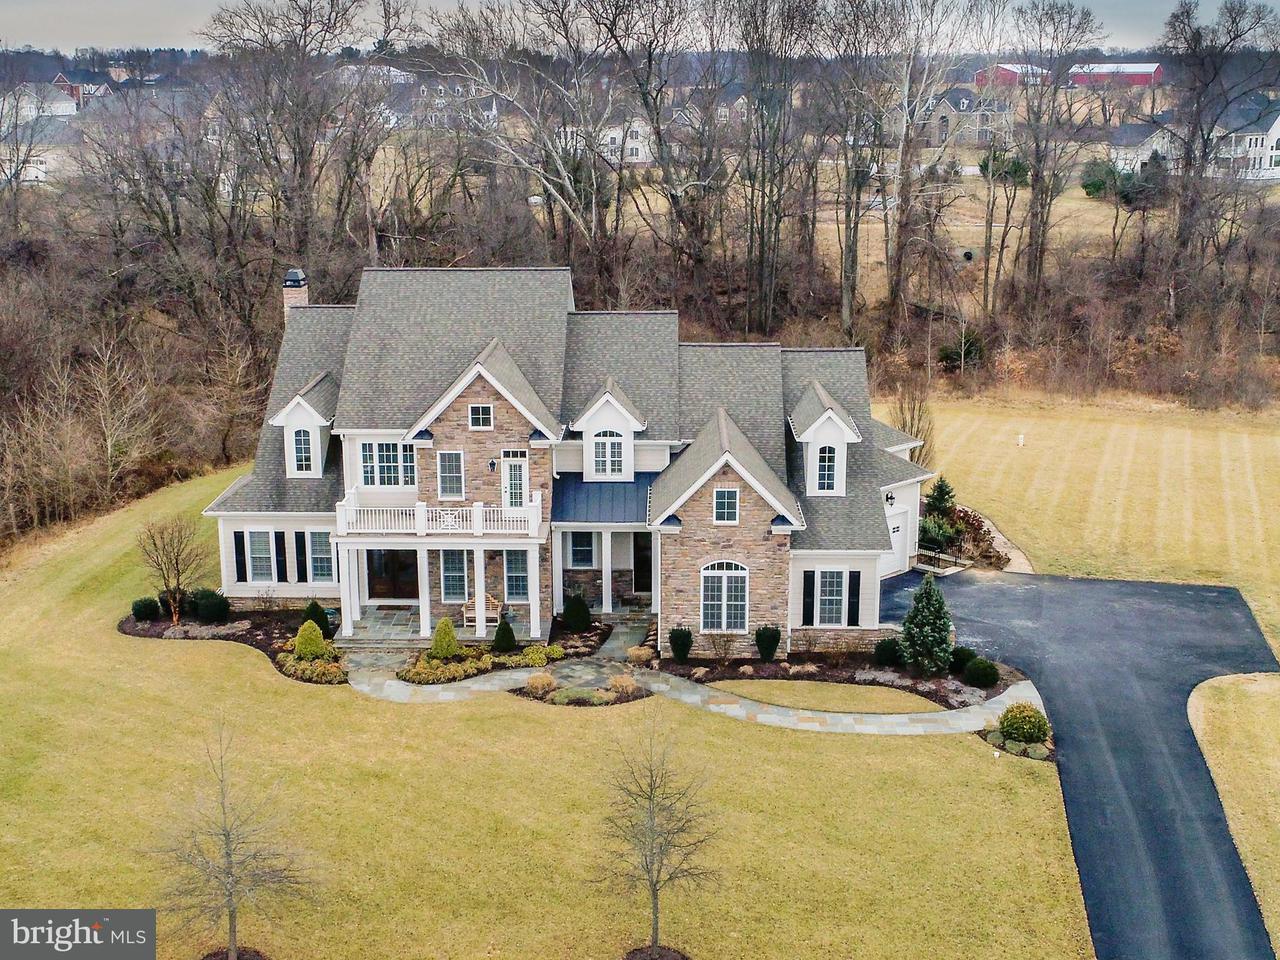 Casa Unifamiliar por un Venta en 12431 Watkins Brg 12431 Watkins Brg Clarksville, Maryland 21029 Estados Unidos